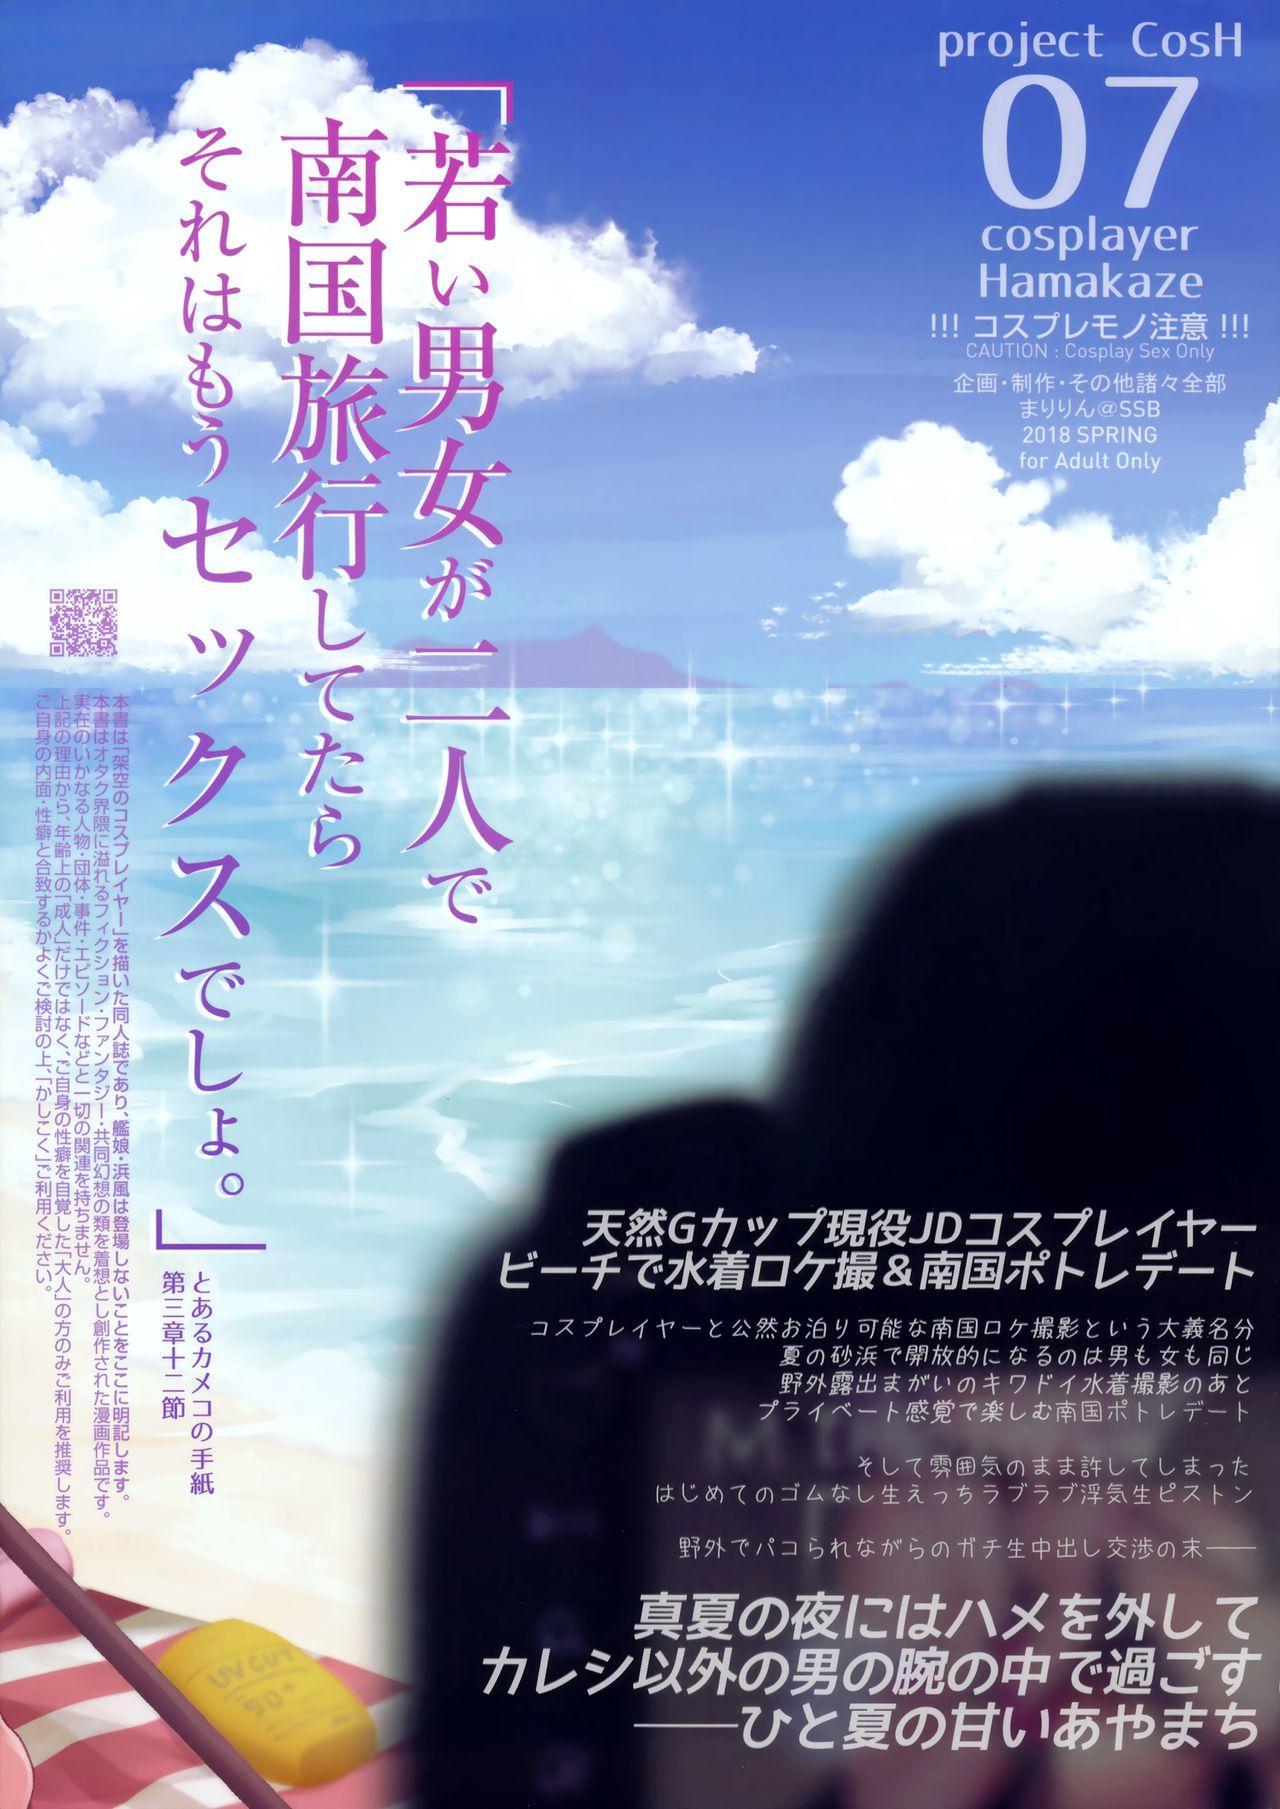 Tennen Kamichichi Shirouto Cosplayer Nangoku Ritou Mizugi Loca Satsuei 30